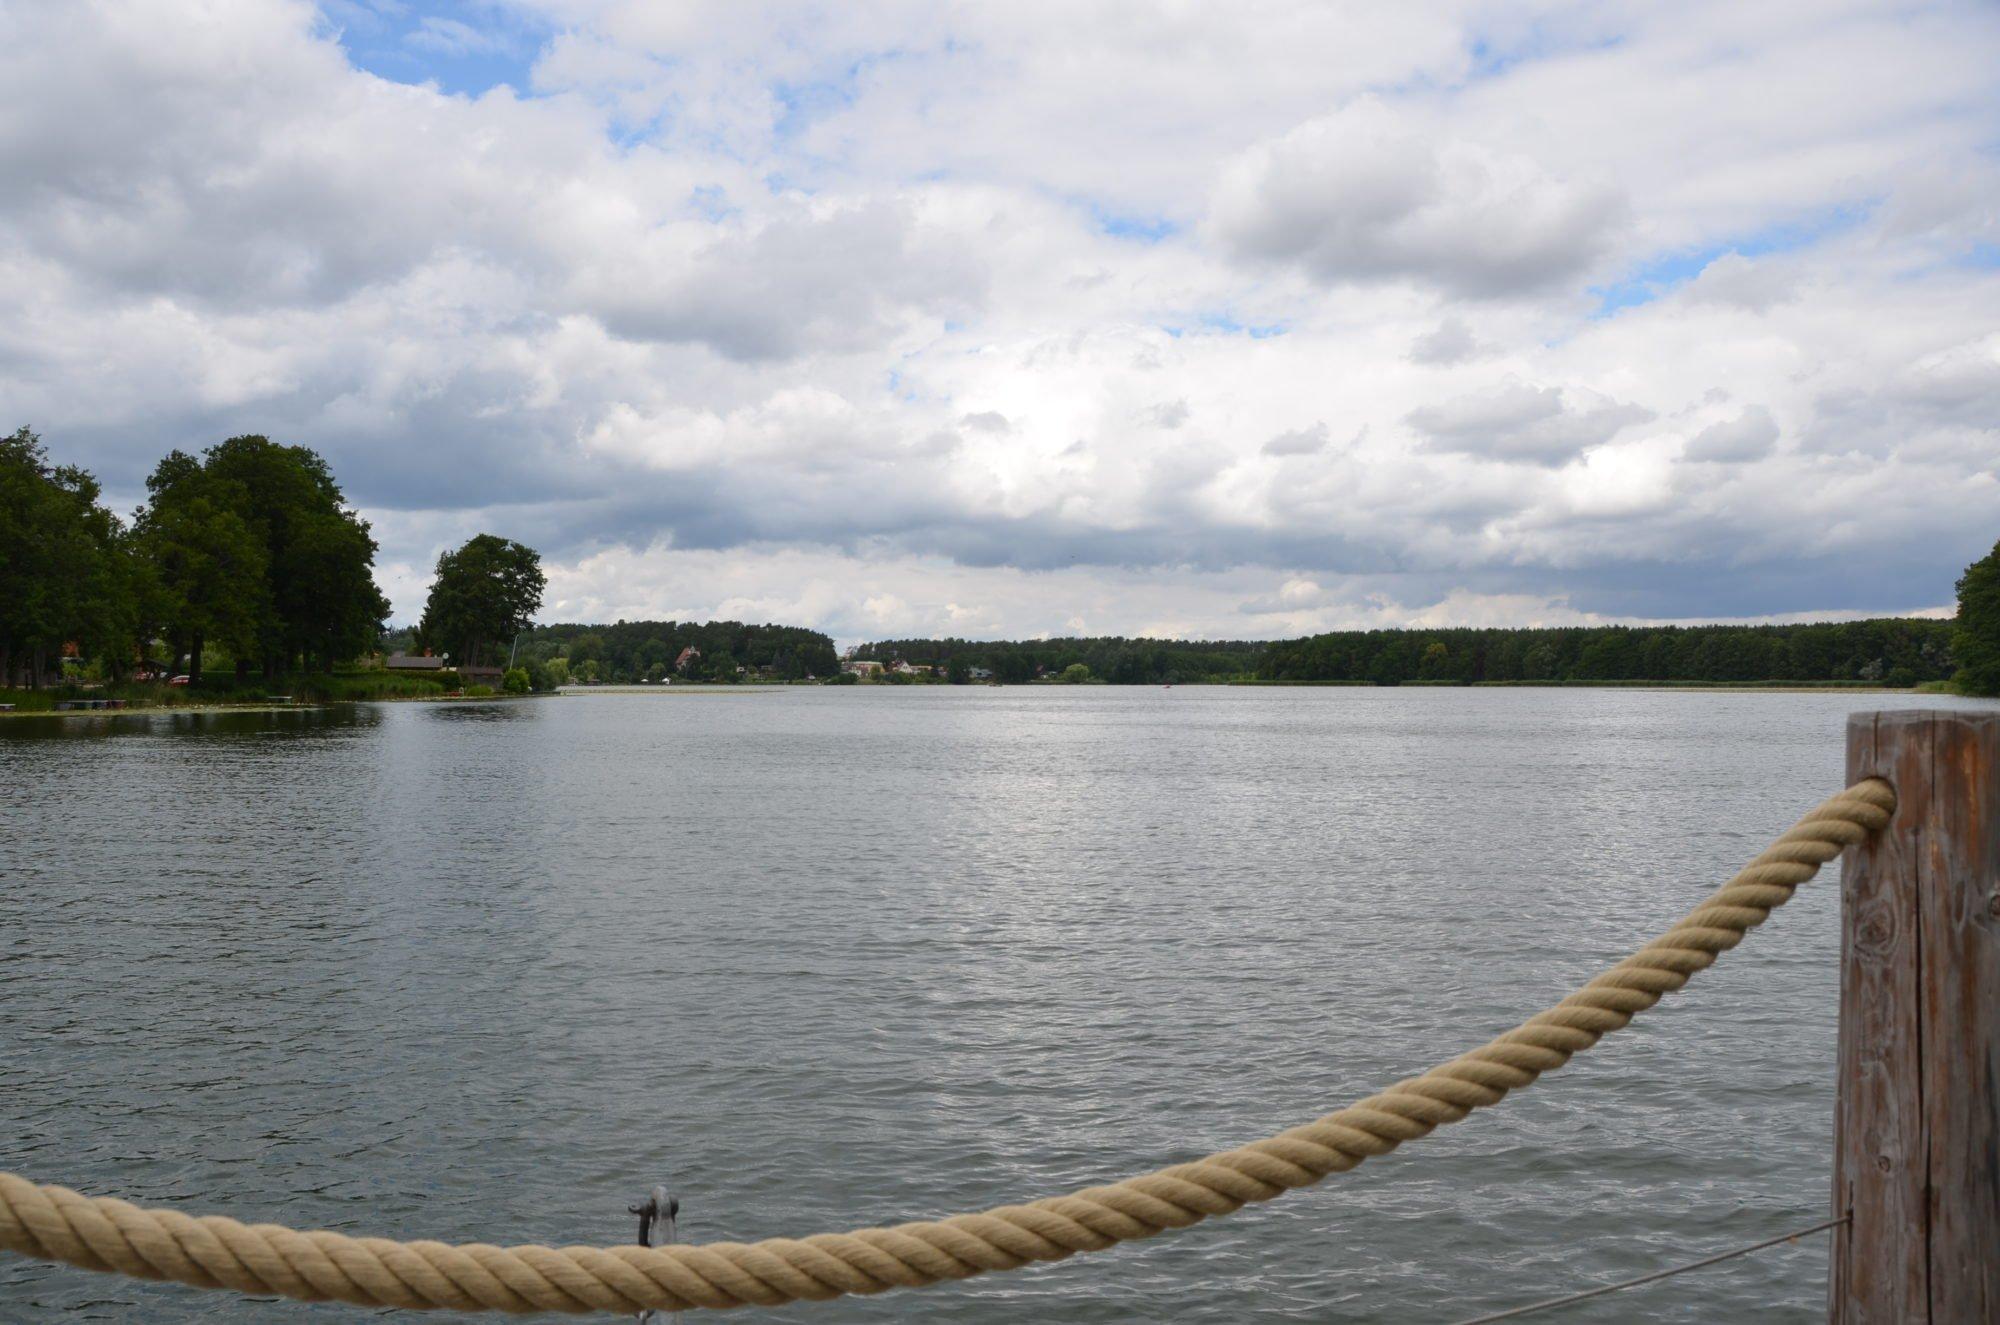 Blick vom Floß aus auf den Pfuhl See. Das Seil des Floßes ist im VOrdergrund zu erkennen.